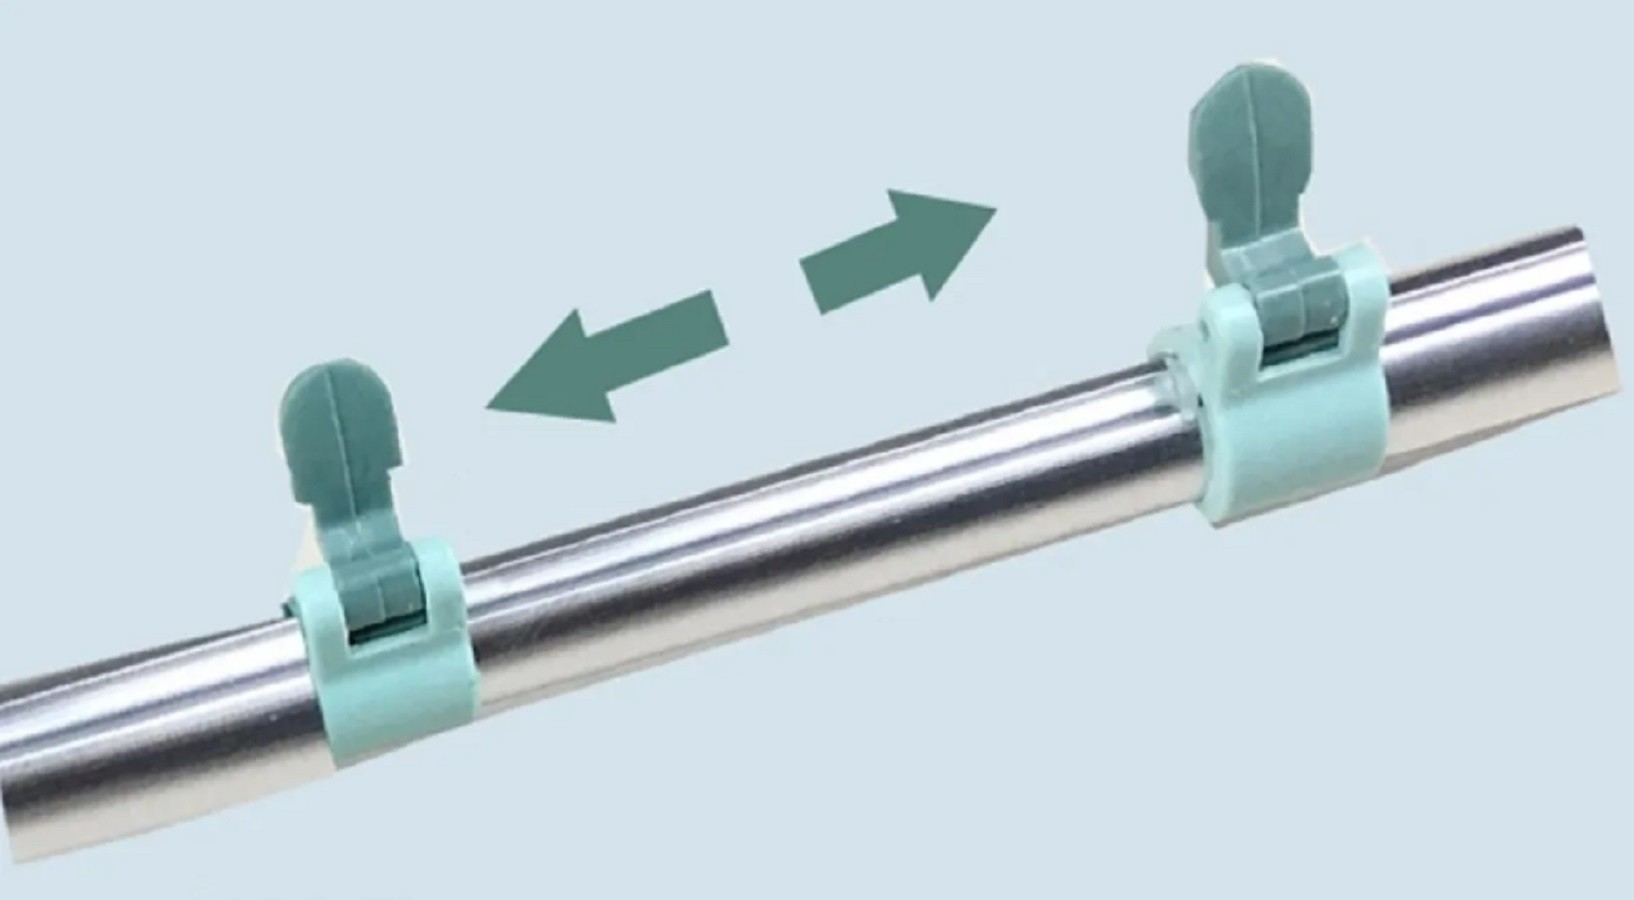 Limpa vidros articulado Telescópico com rodo Mop